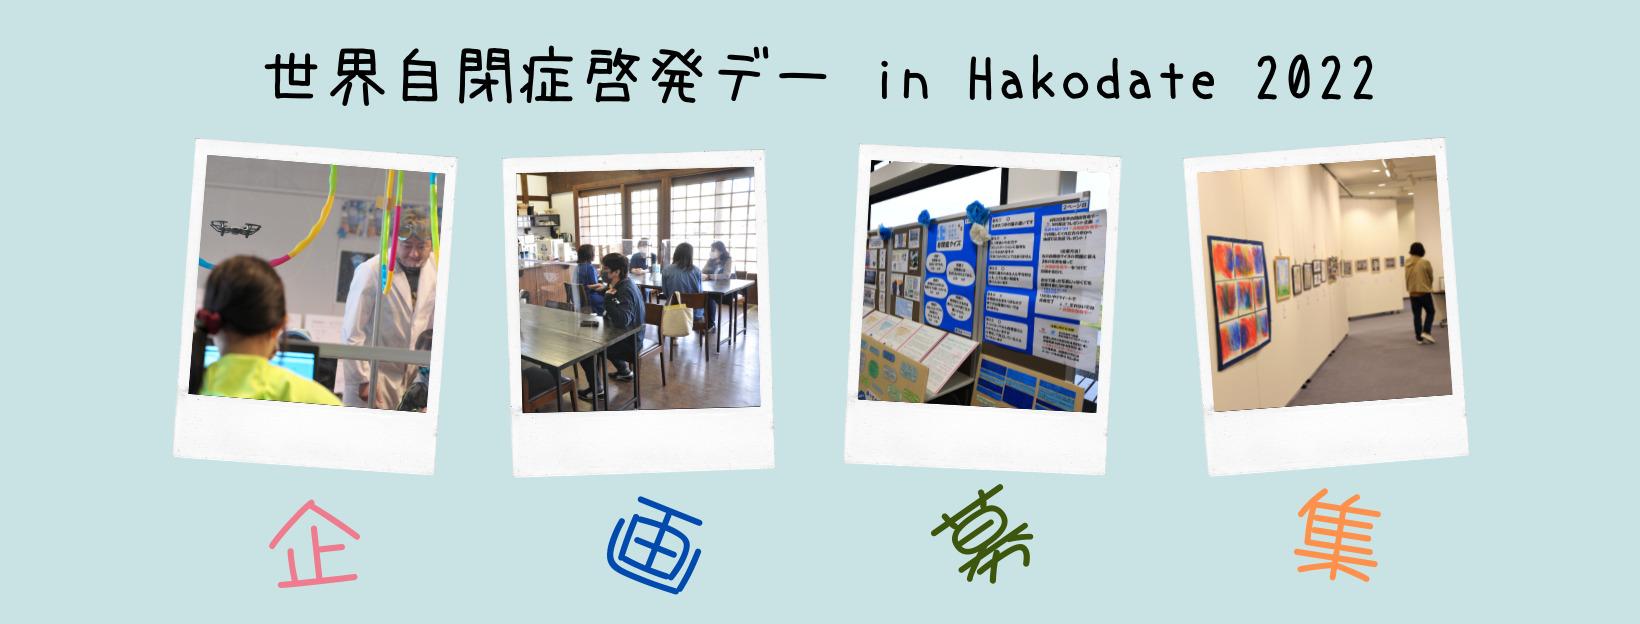 世界自閉症啓発デー in Hakodate 2022に向けて、企画・アイデア・実行委員を募集します。